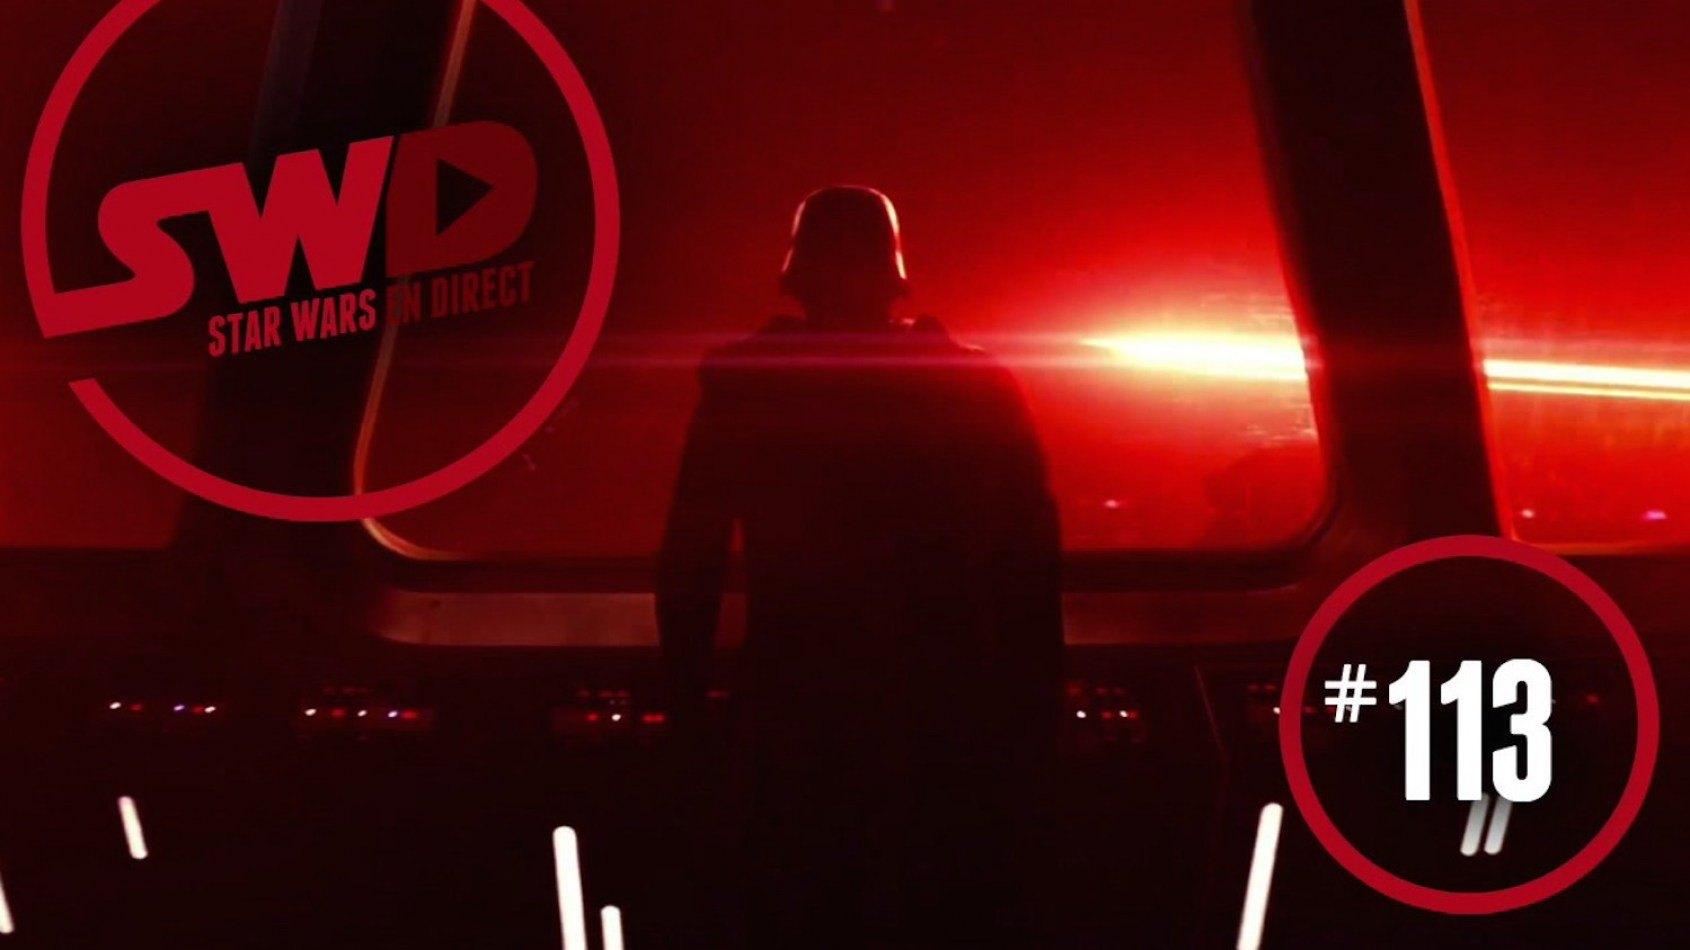 Star Wars en direct 113 est en ligne !